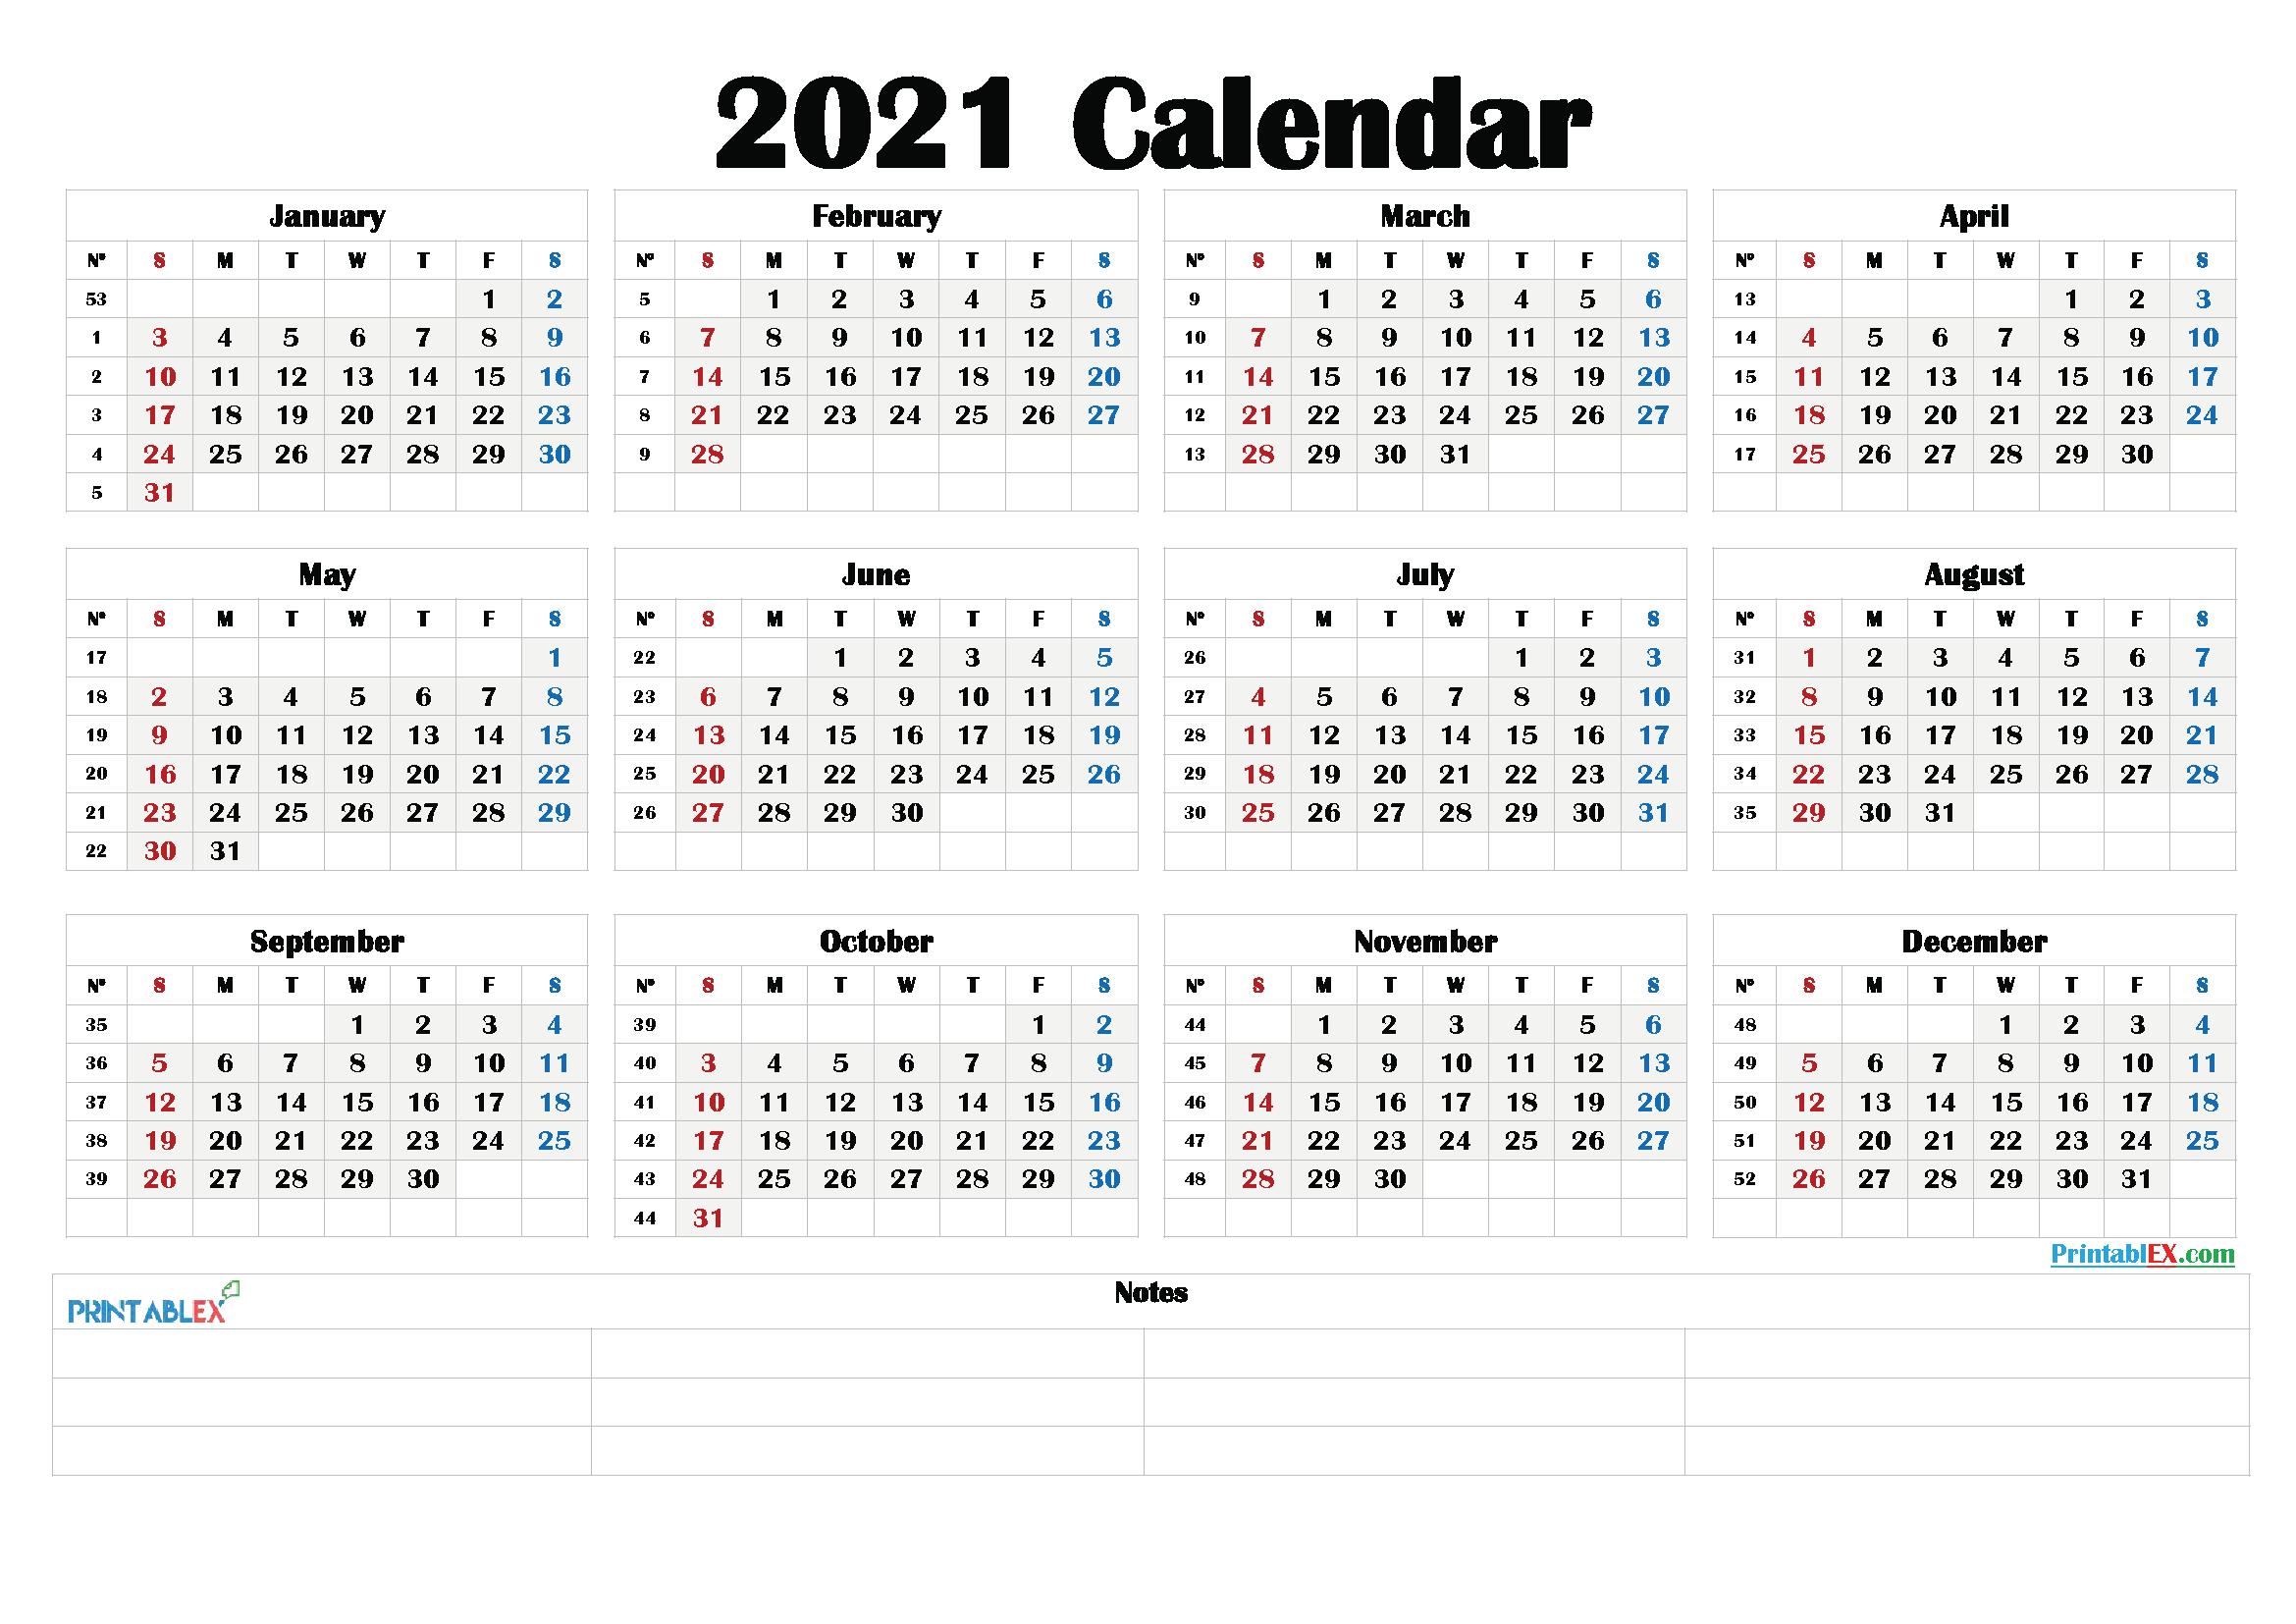 Printable 2021 Calendar By Month - 21Ytw192   Calendar